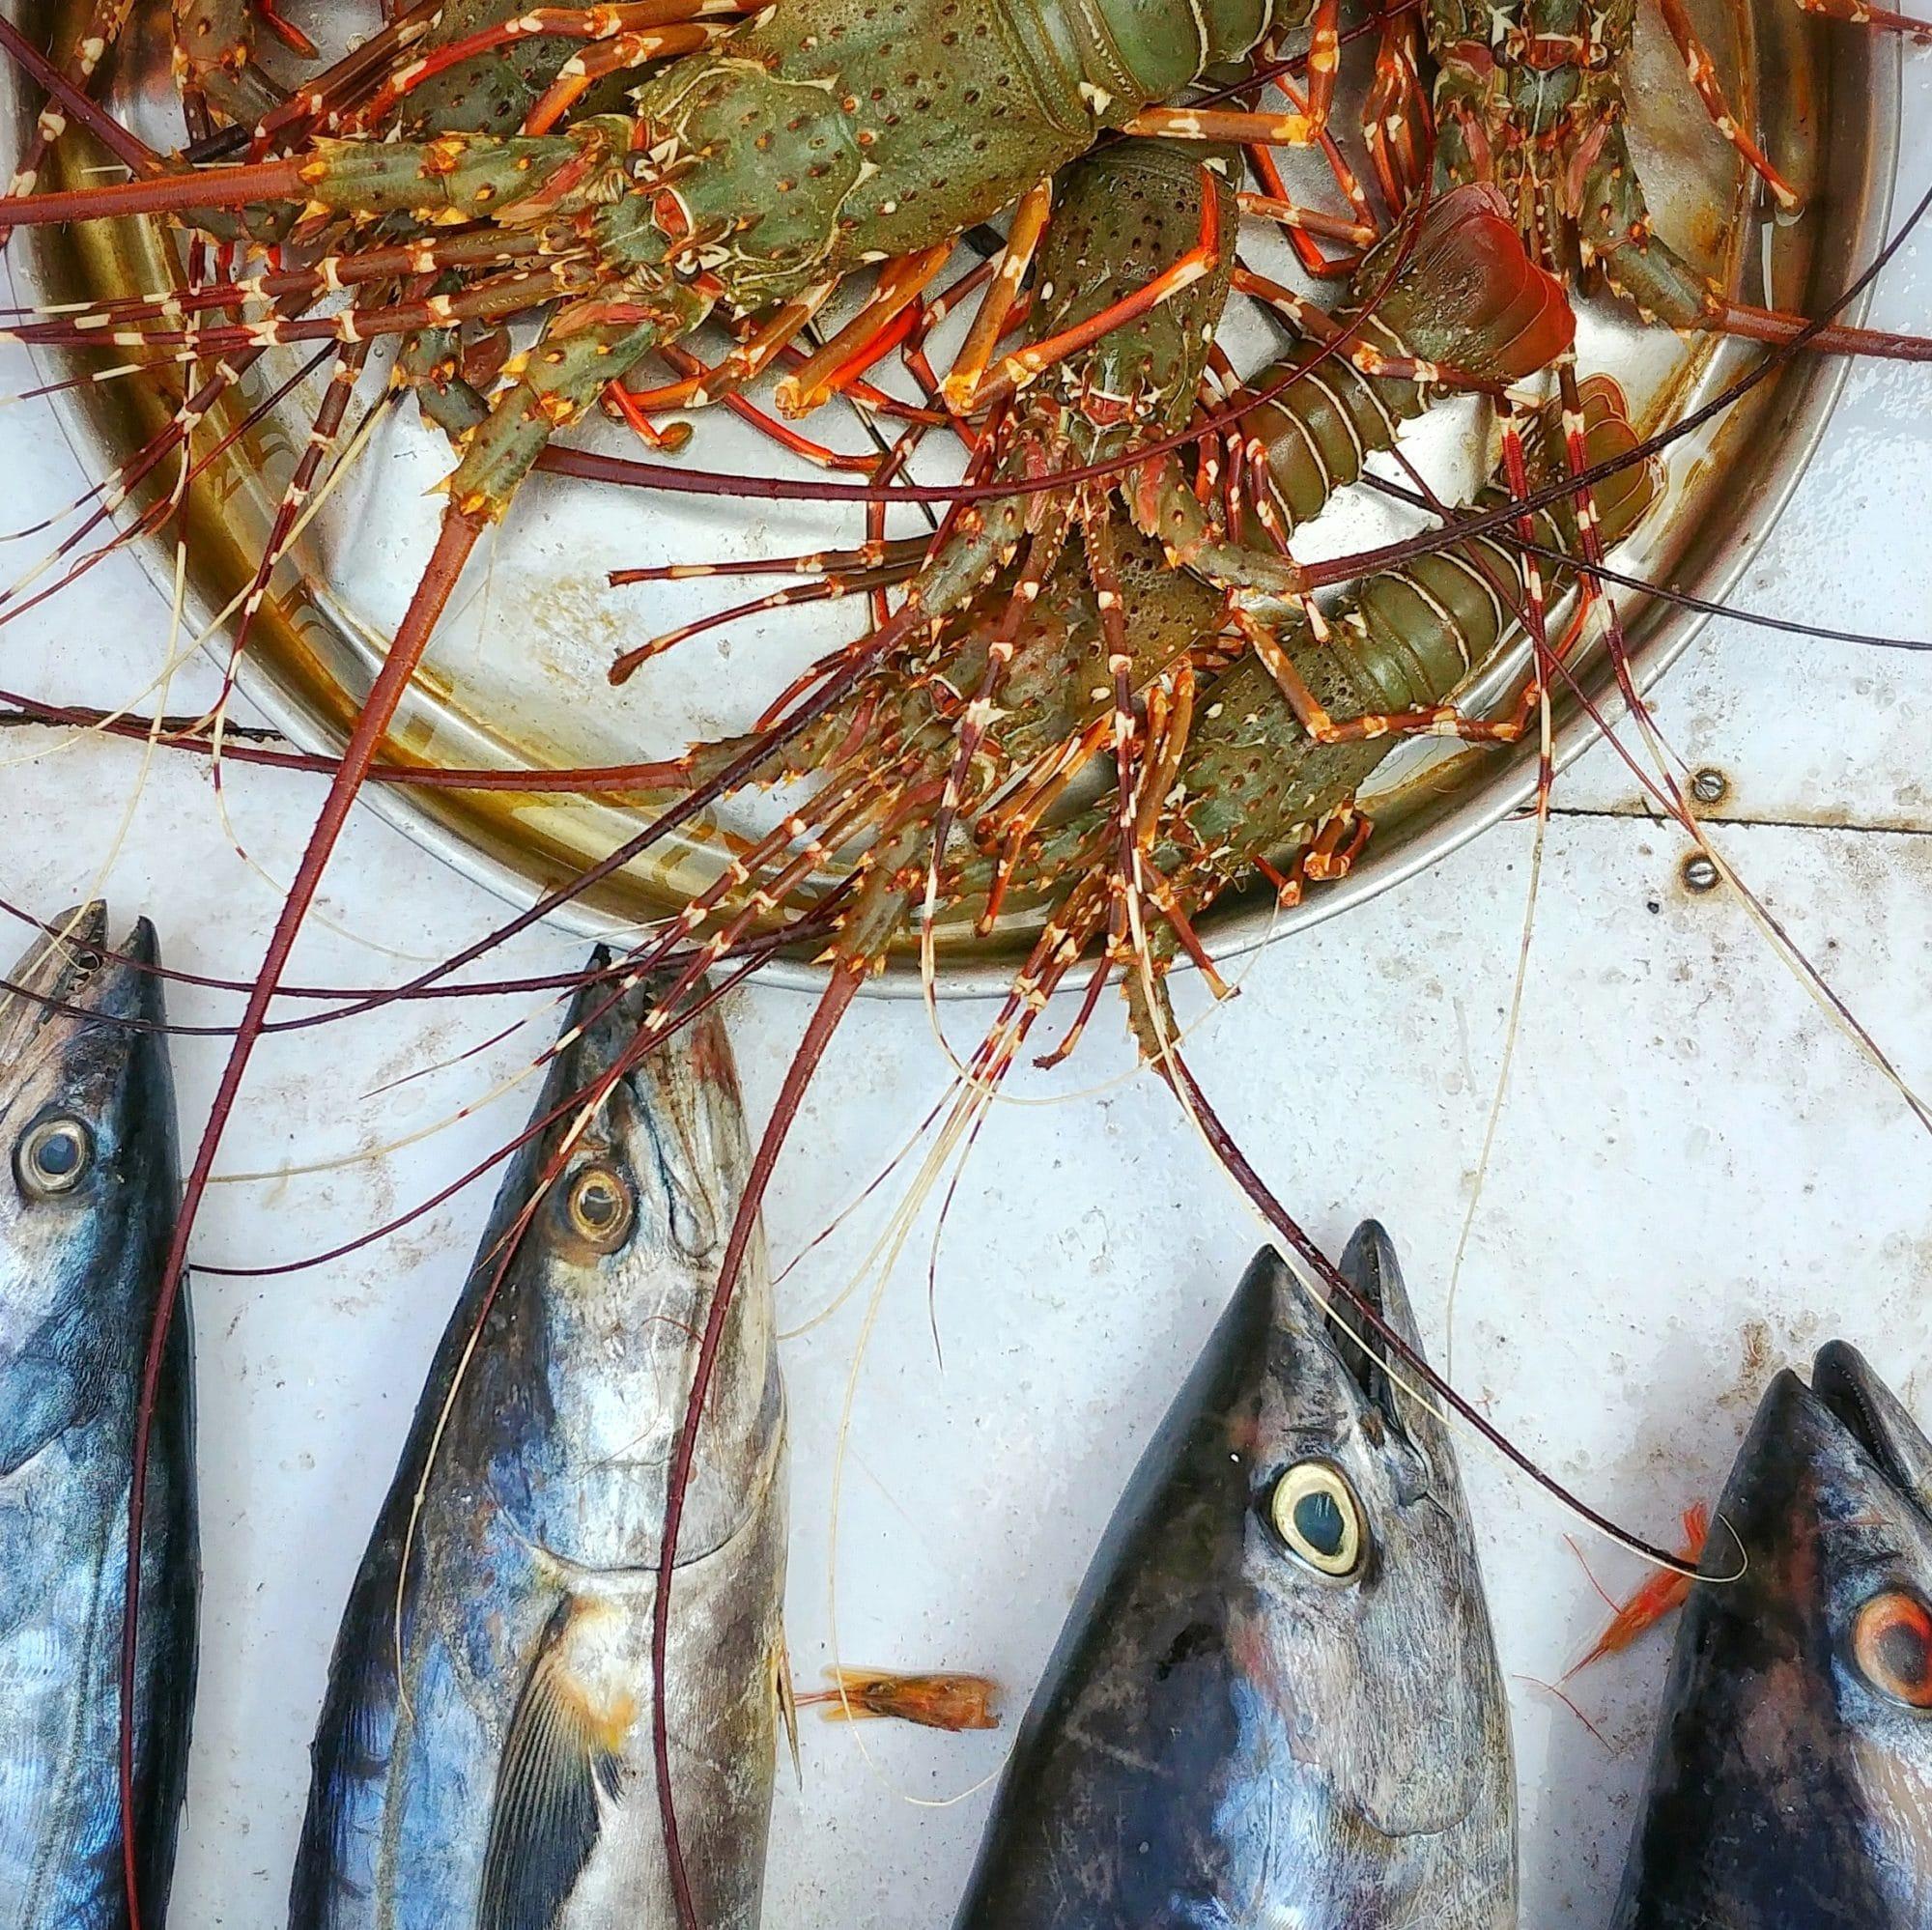 murud janjira fish market